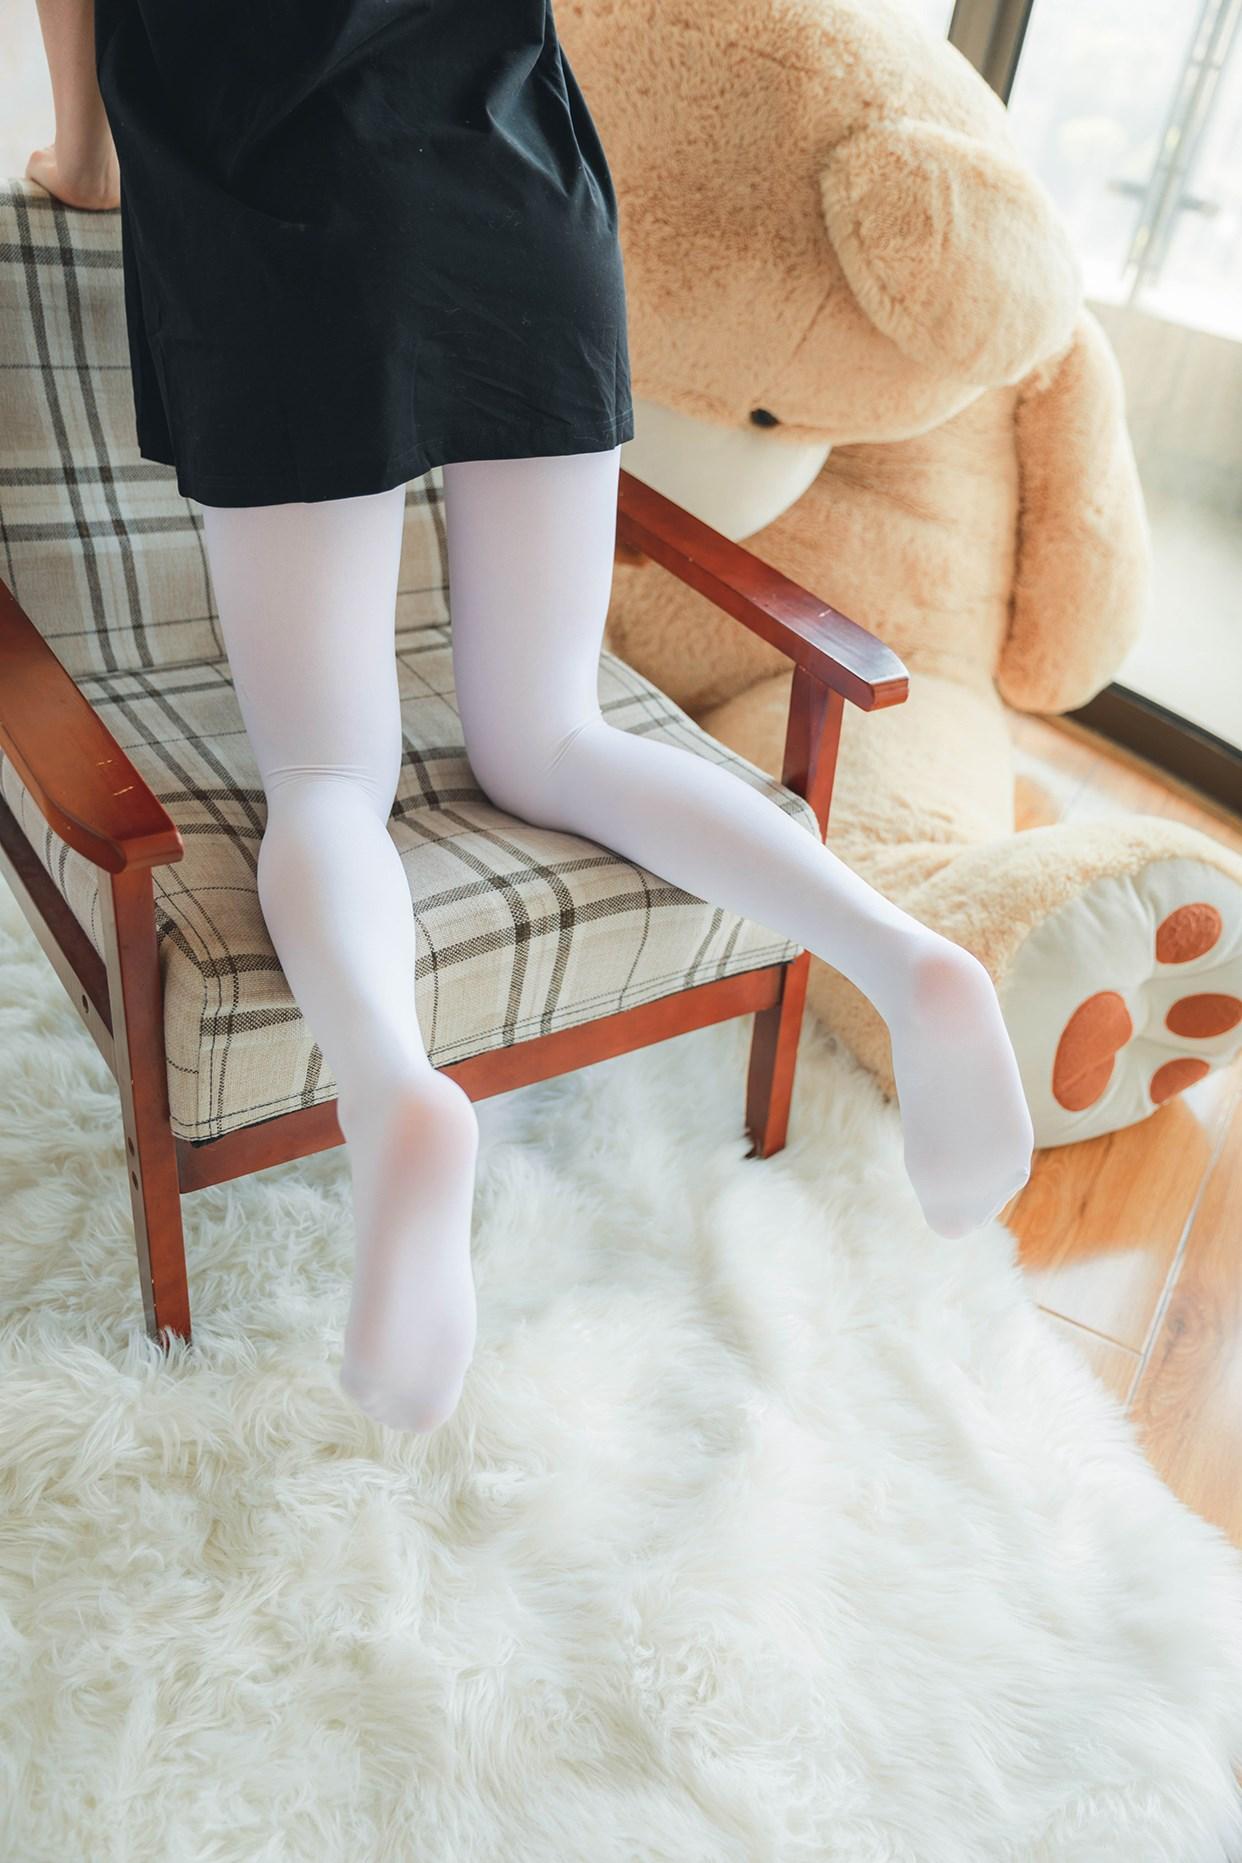 【兔玩映画】色即是空 · 白丝福利 兔玩映画 第27张